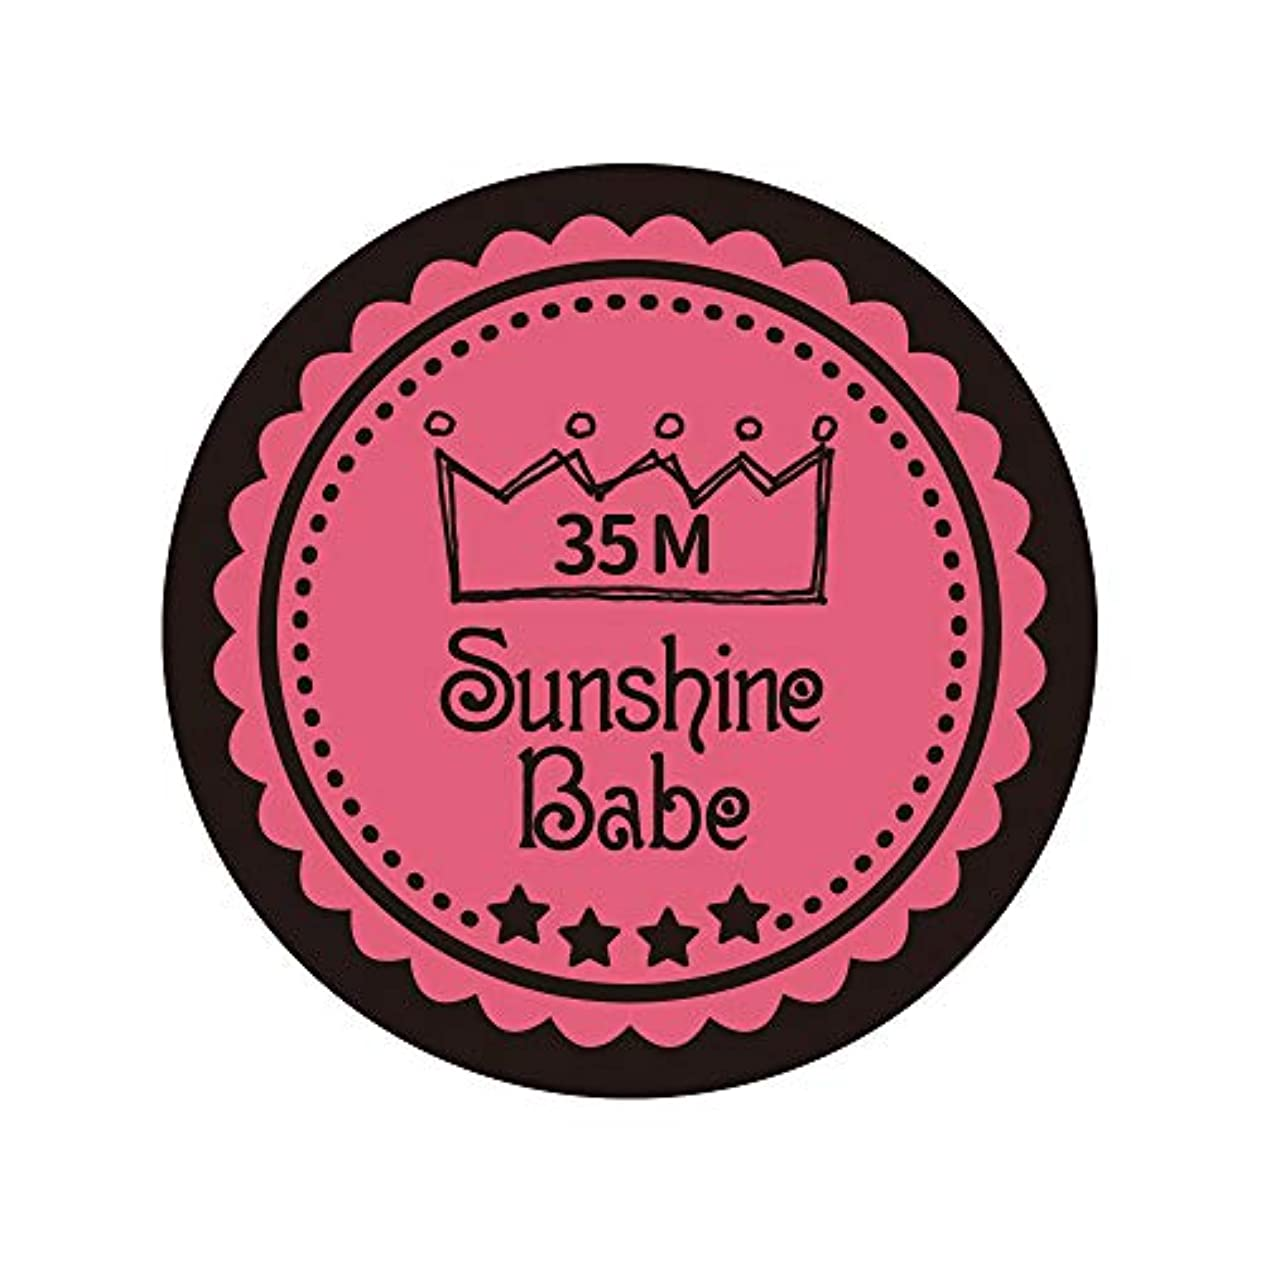 羊ロッジ親Sunshine Babe カラージェル 35M ローズピンク 2.7g UV/LED対応